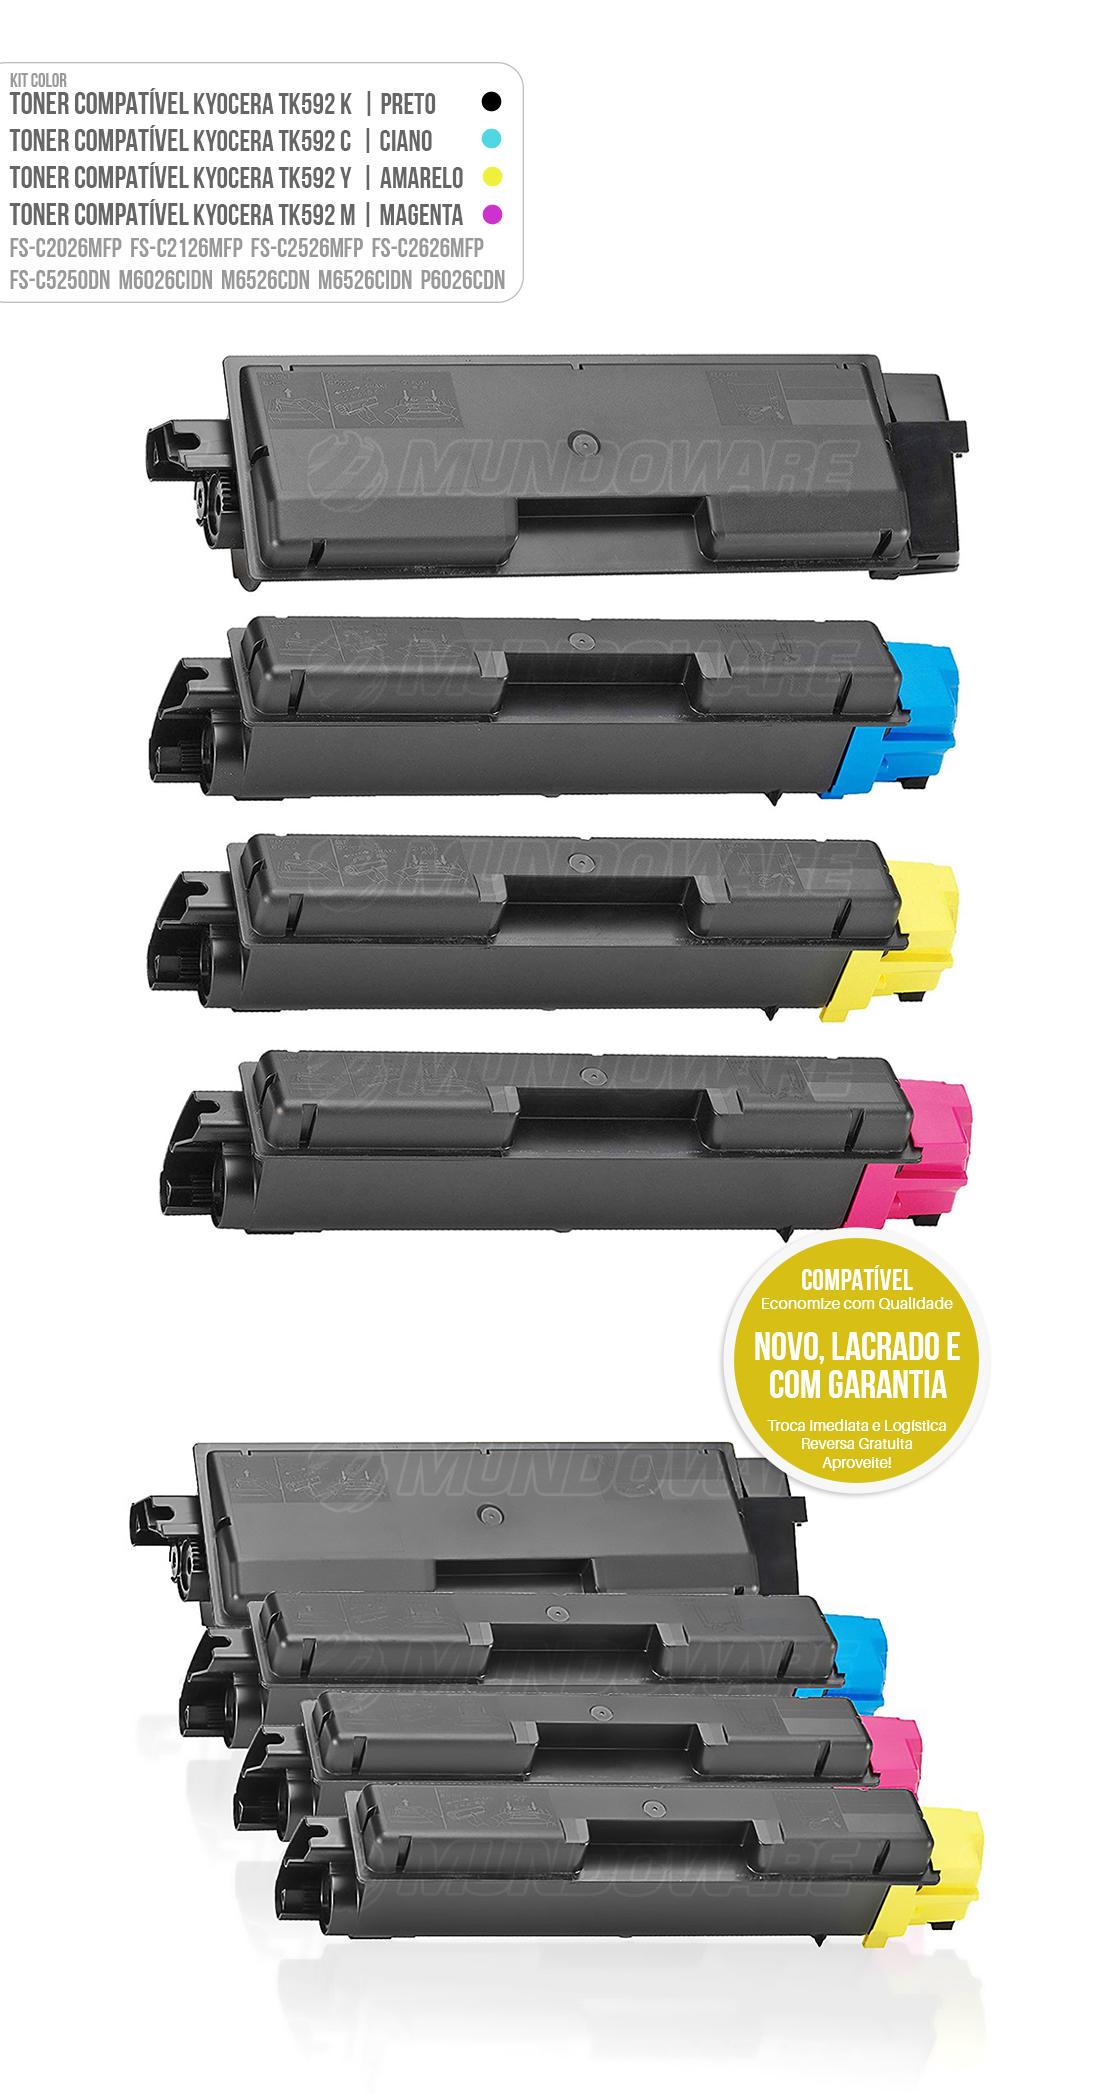 Kit 4 Cores de Toner Compatível TK592 para impressora Kyocera FSC2026MFP FSC2126MFP FSC2126MFP+ FSC2526MFP FSC2626MFP FSC5250DN FS-C2026 FS-C2126 FS-C2526 FS-C2626 FS-C5250 M6026 M6526 P6026